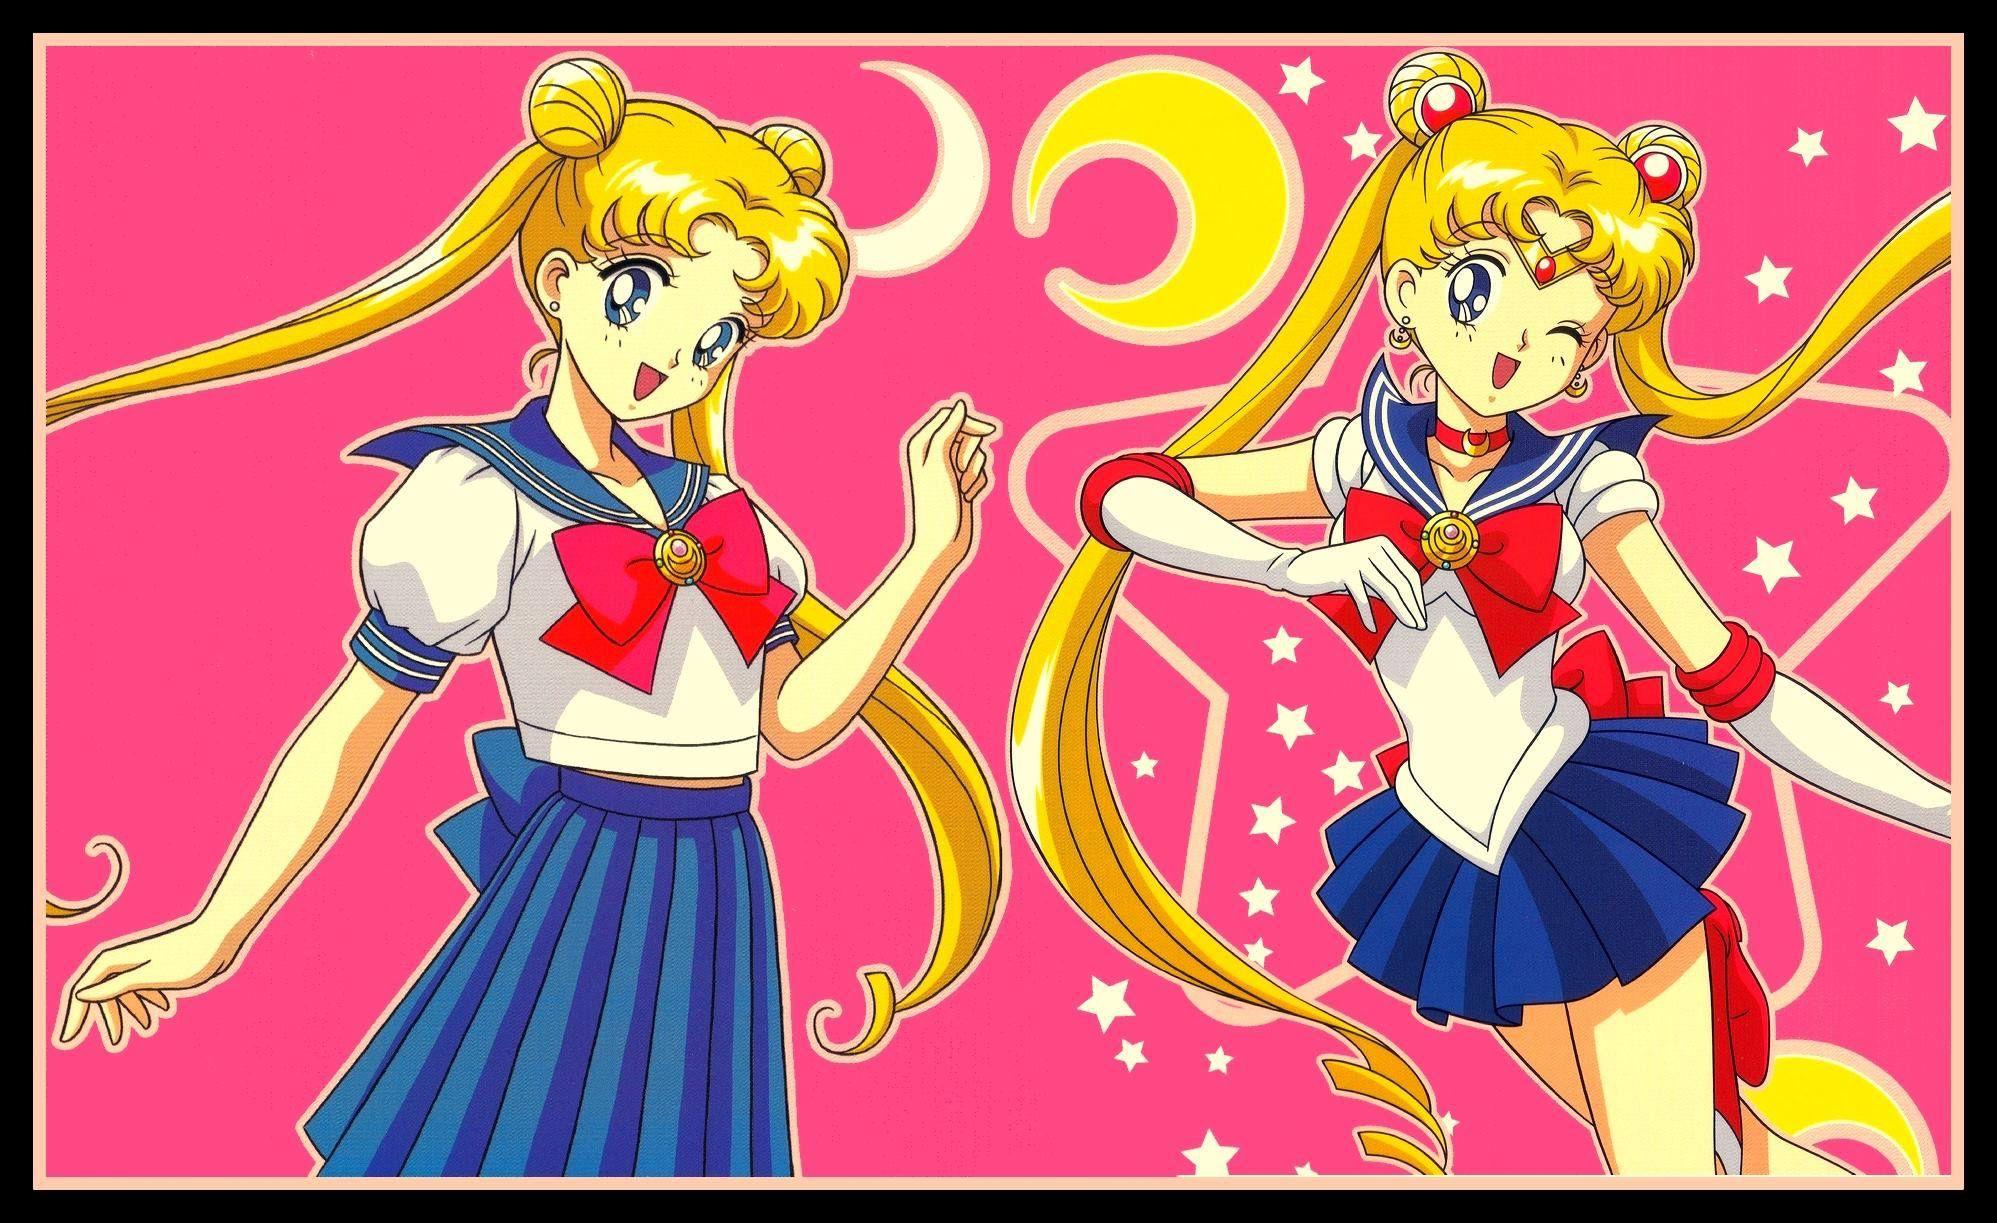 Usagi Tsukino / Sailor Moon by marco albiero | Sailor Moon - Marco ...